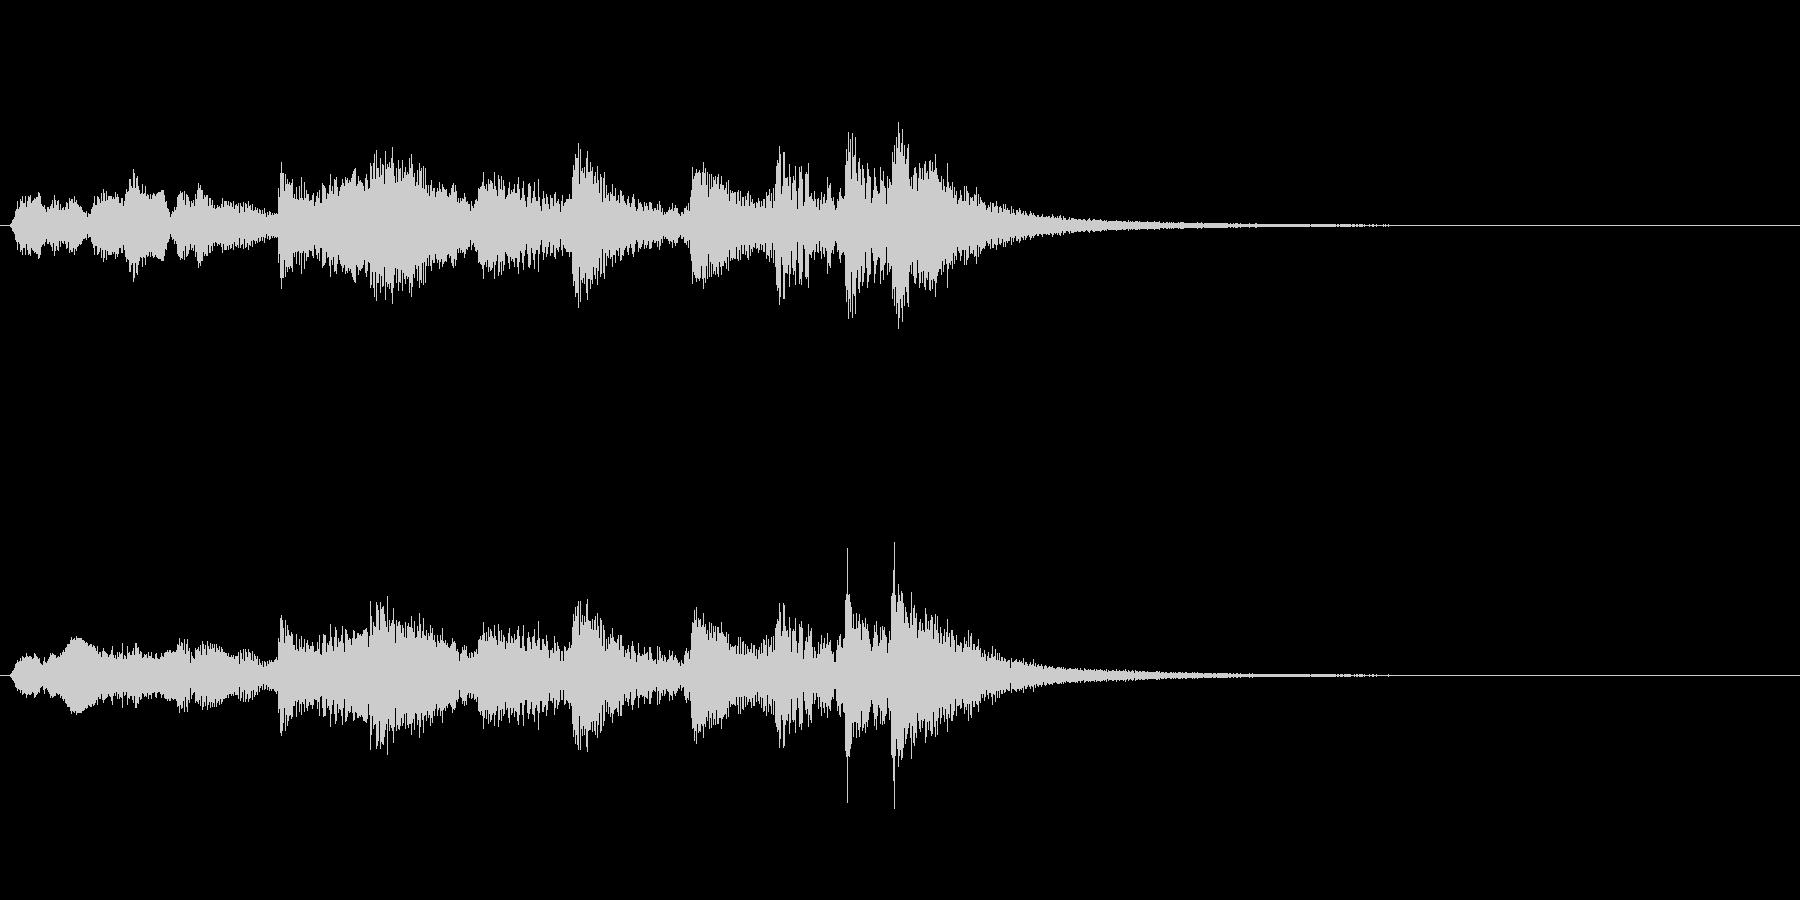 尺八、琴、太鼓と拍子木の音の未再生の波形